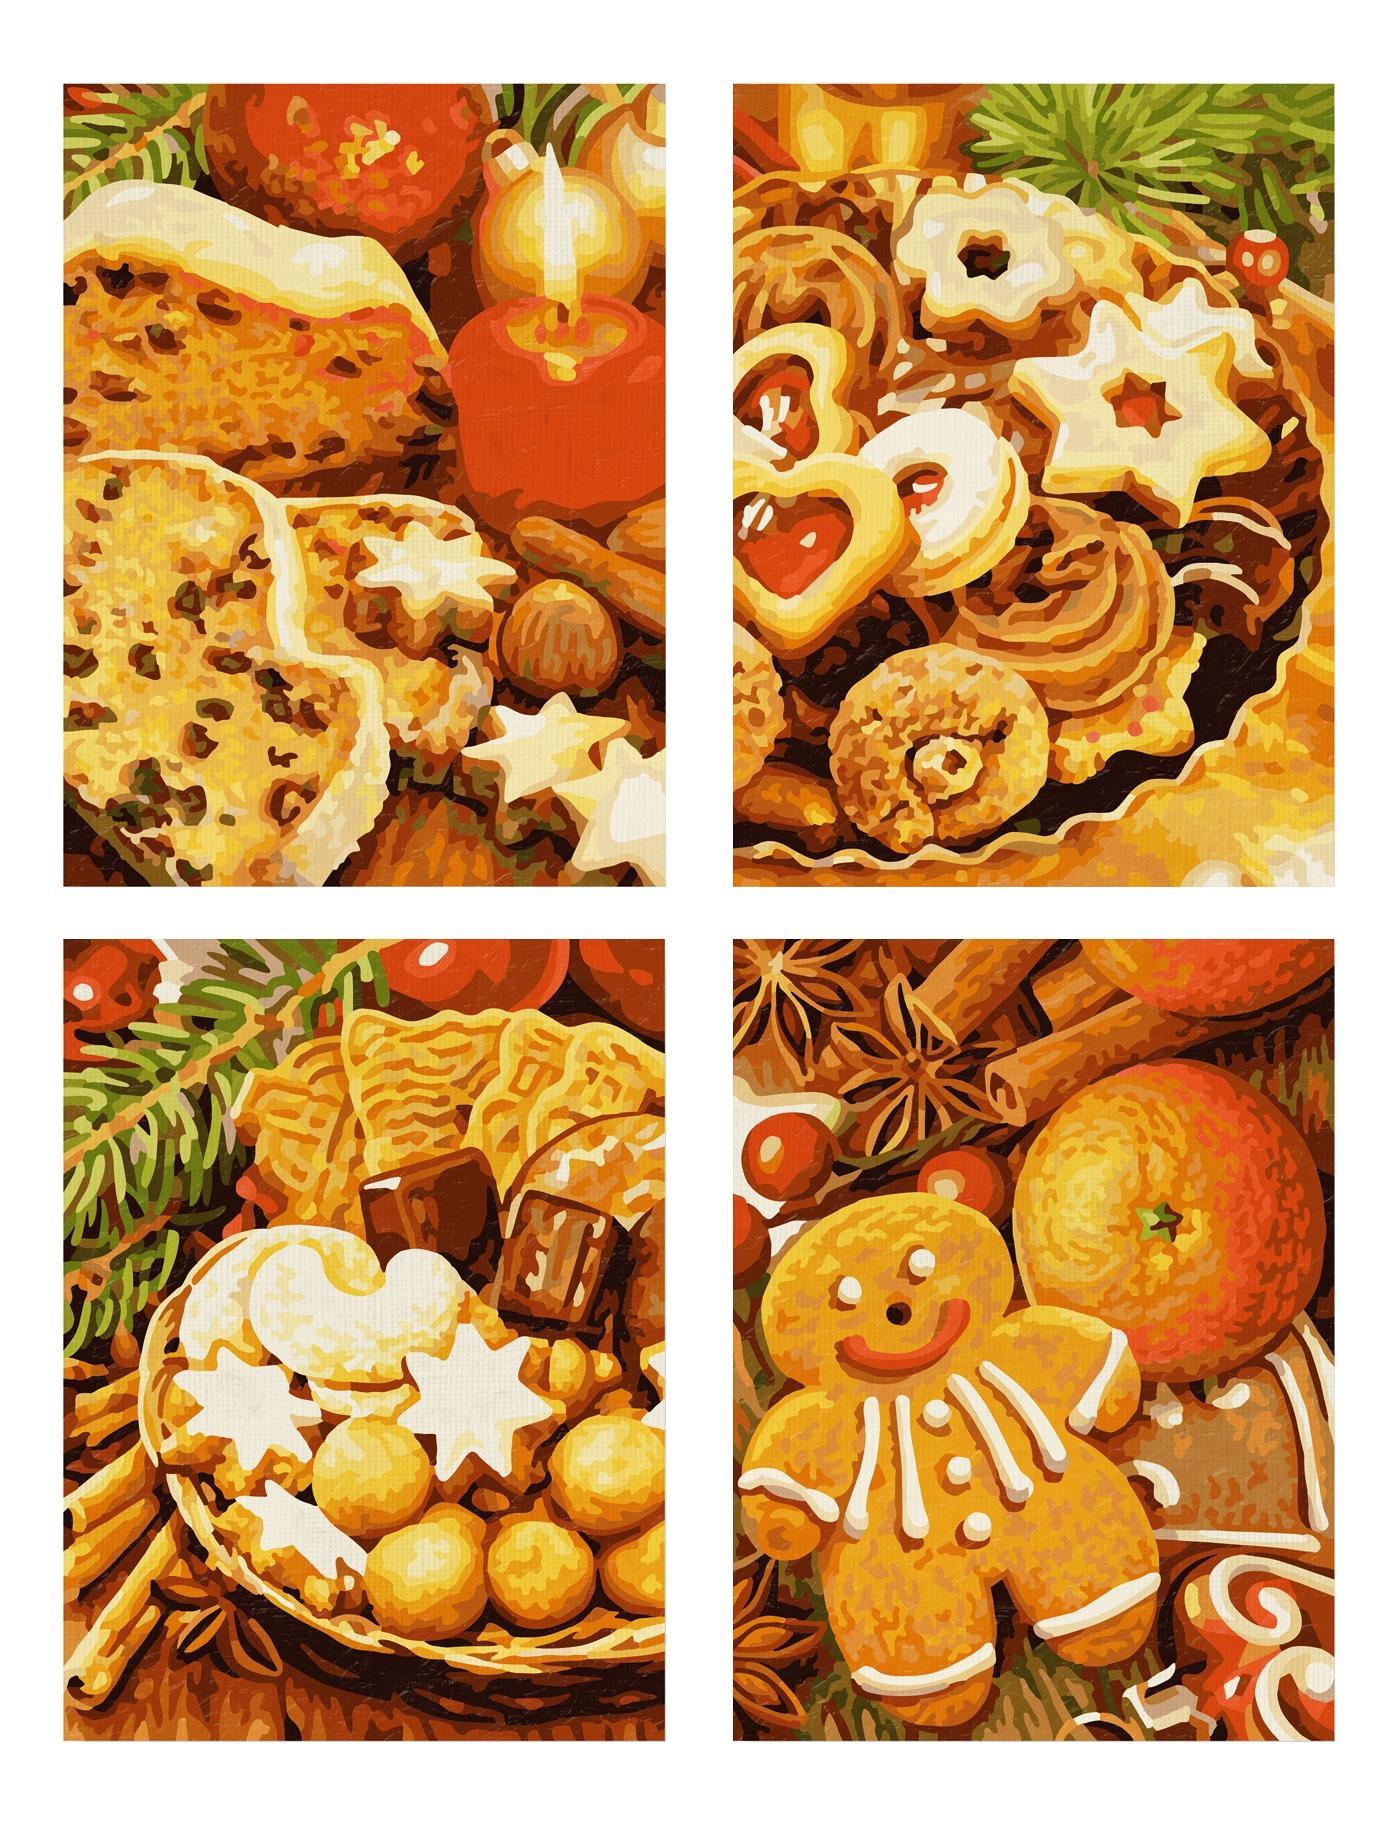 Раскраска по номерам schipper 4 картины, рождественские пряники,18х24 см, 1/6 фото